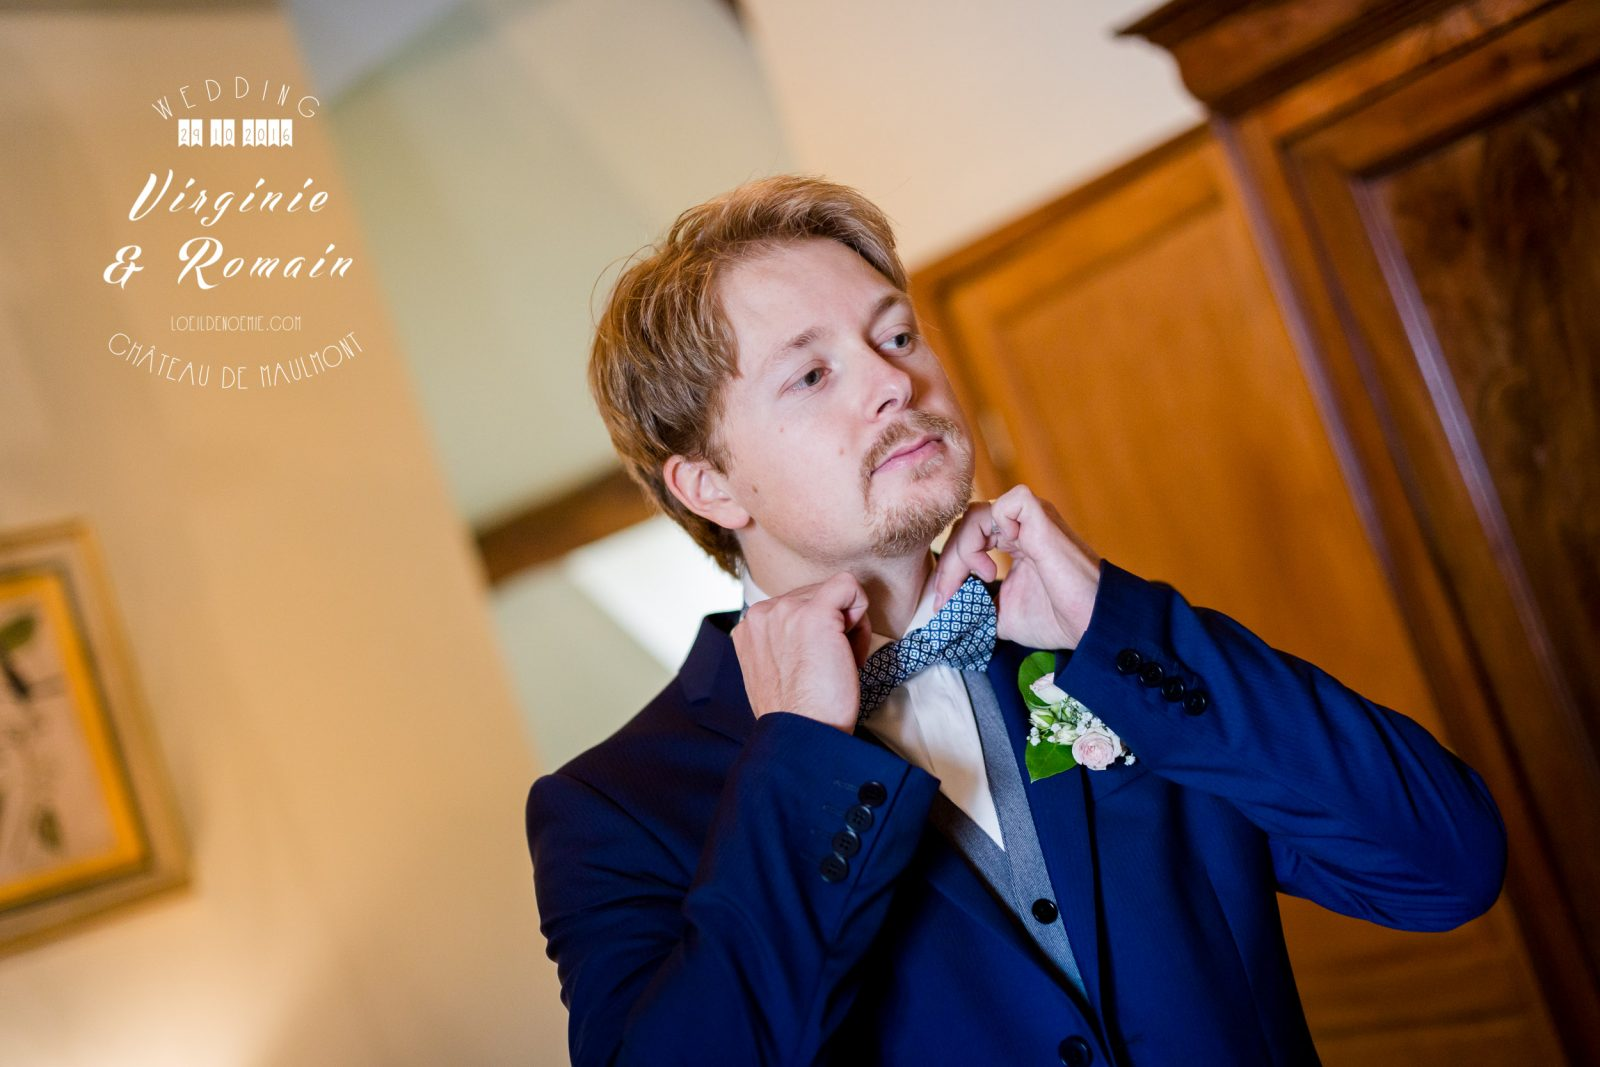 oui je le veux, photo préparatifs du futur mariée, par L'oeil de Noémie photographe de mariage à Clermont-Ferrand en Auvergne et partout en France et dans le monde entier